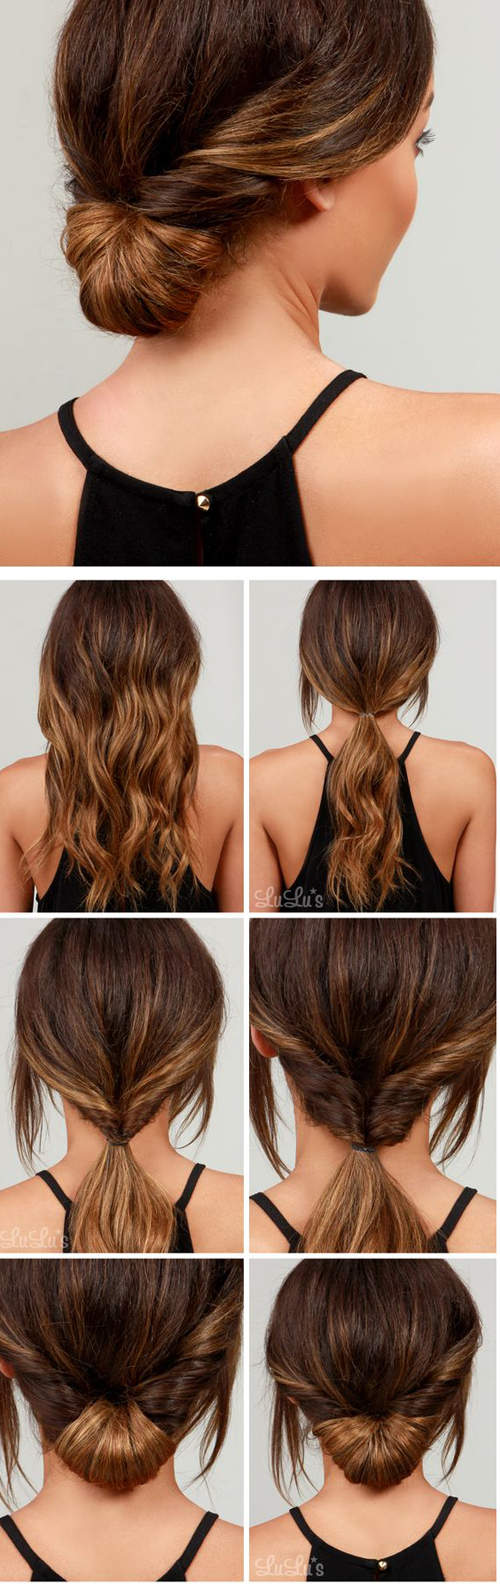 Cũng sử sụng kỹ thuật cuộn tóc, bạn có thể tạo kiểu tóc búi cuộn đơn giản mà đẹp mắt.